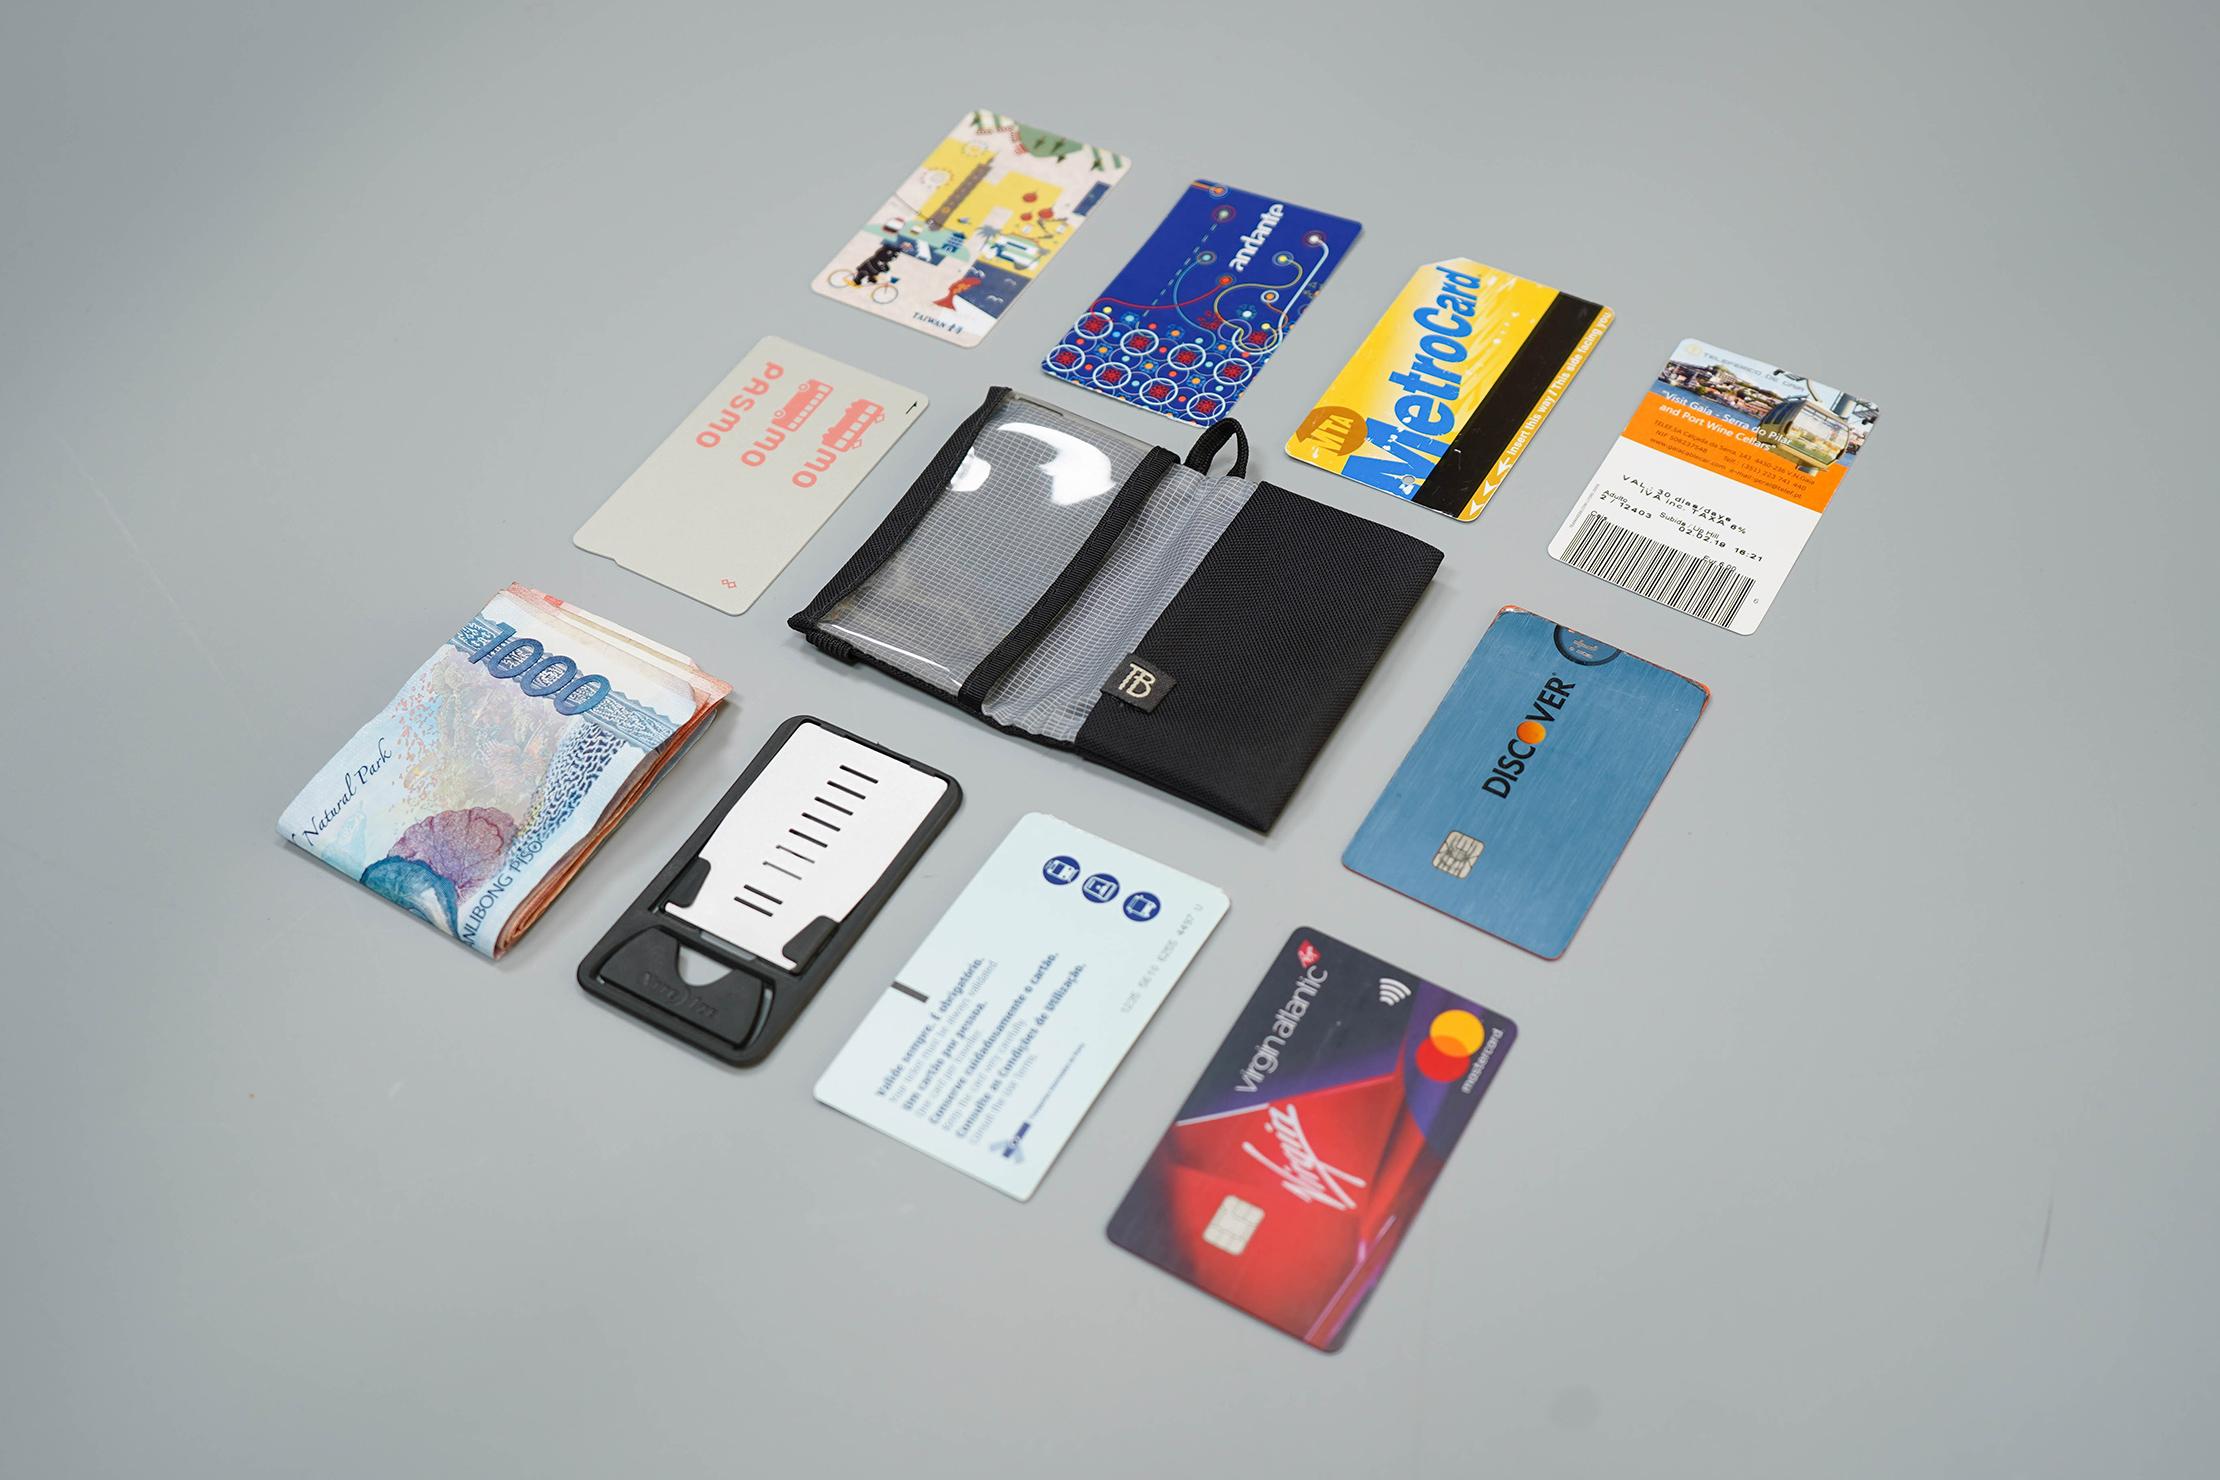 Tom Bihn Nik's Minimalist Wallet Flat Lay